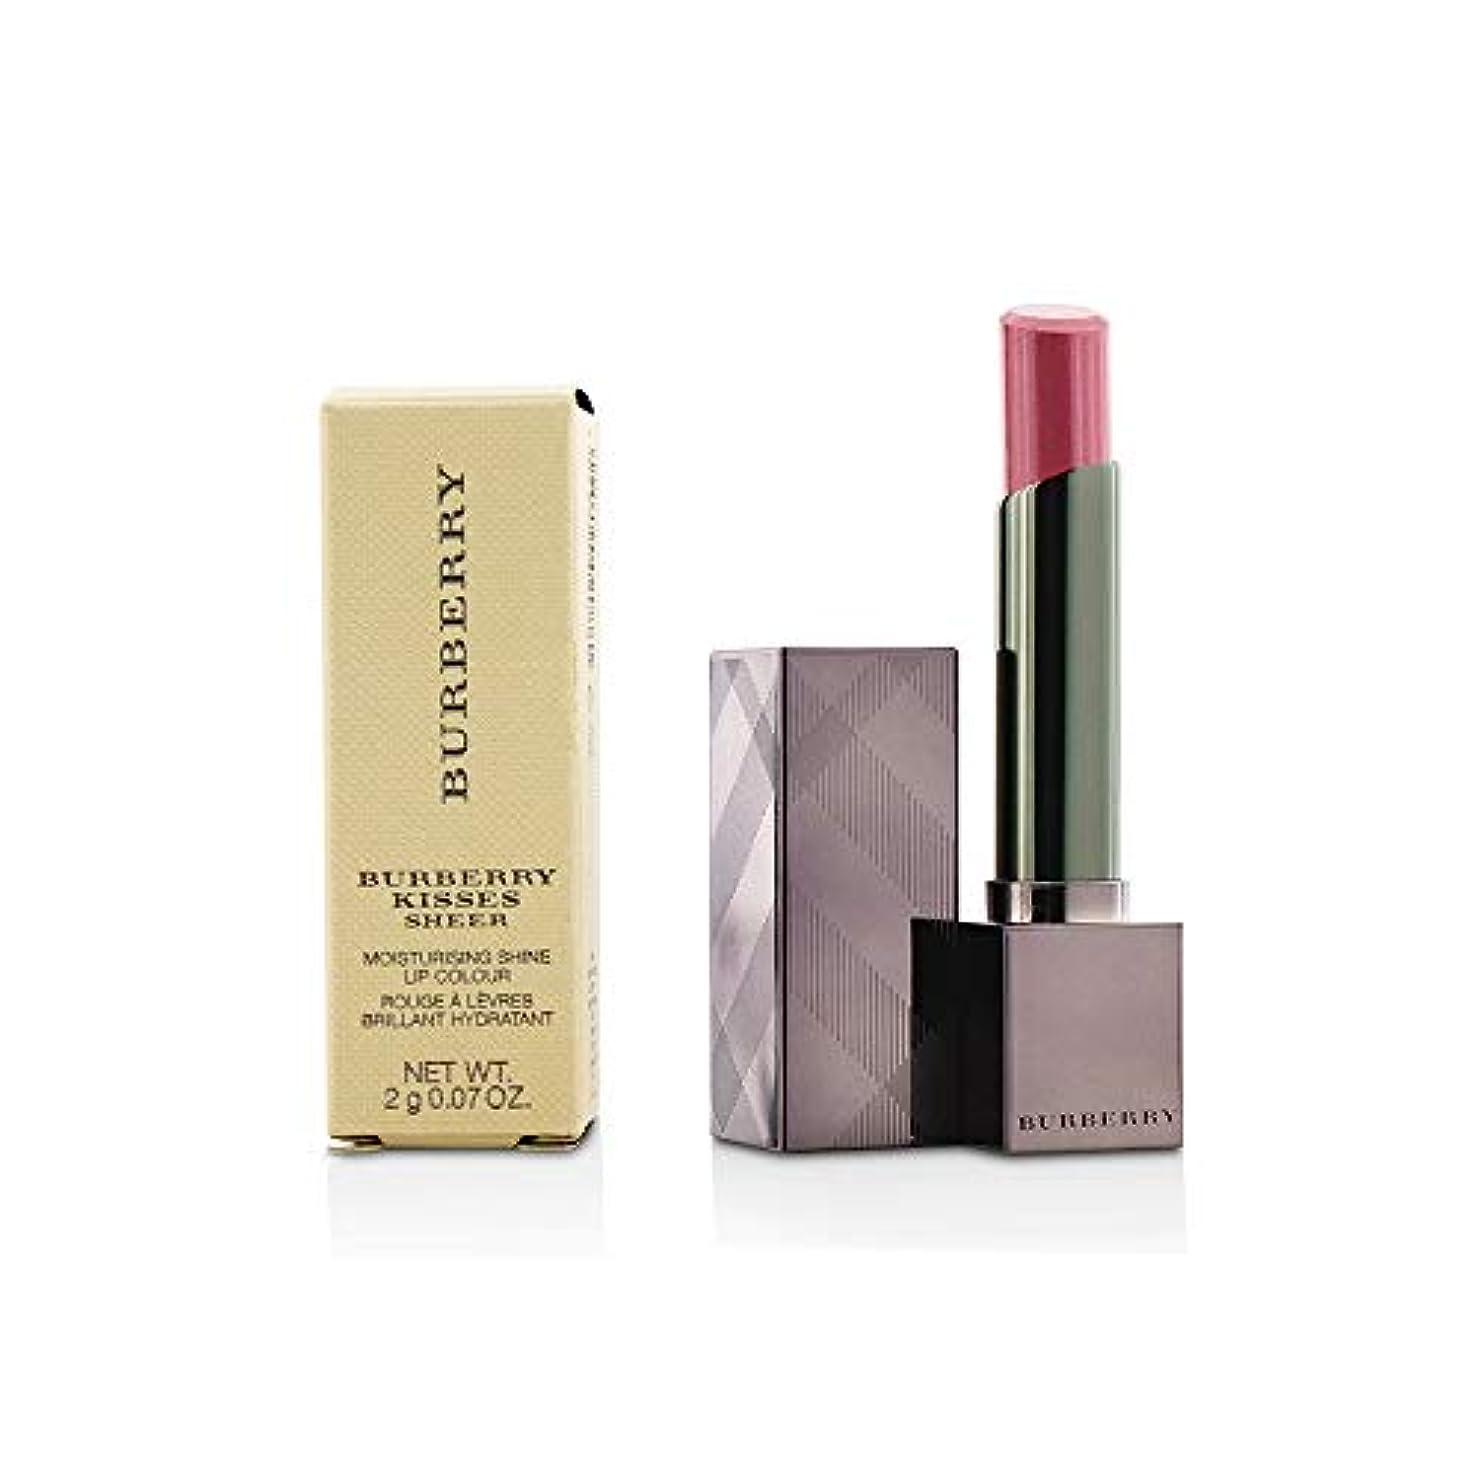 ヒョウ聖書不完全なバーバリー Burberry Kisses Sheer Moisturising Shine Lip Colour - # No. 285 Rose Blush 2g/0.07oz